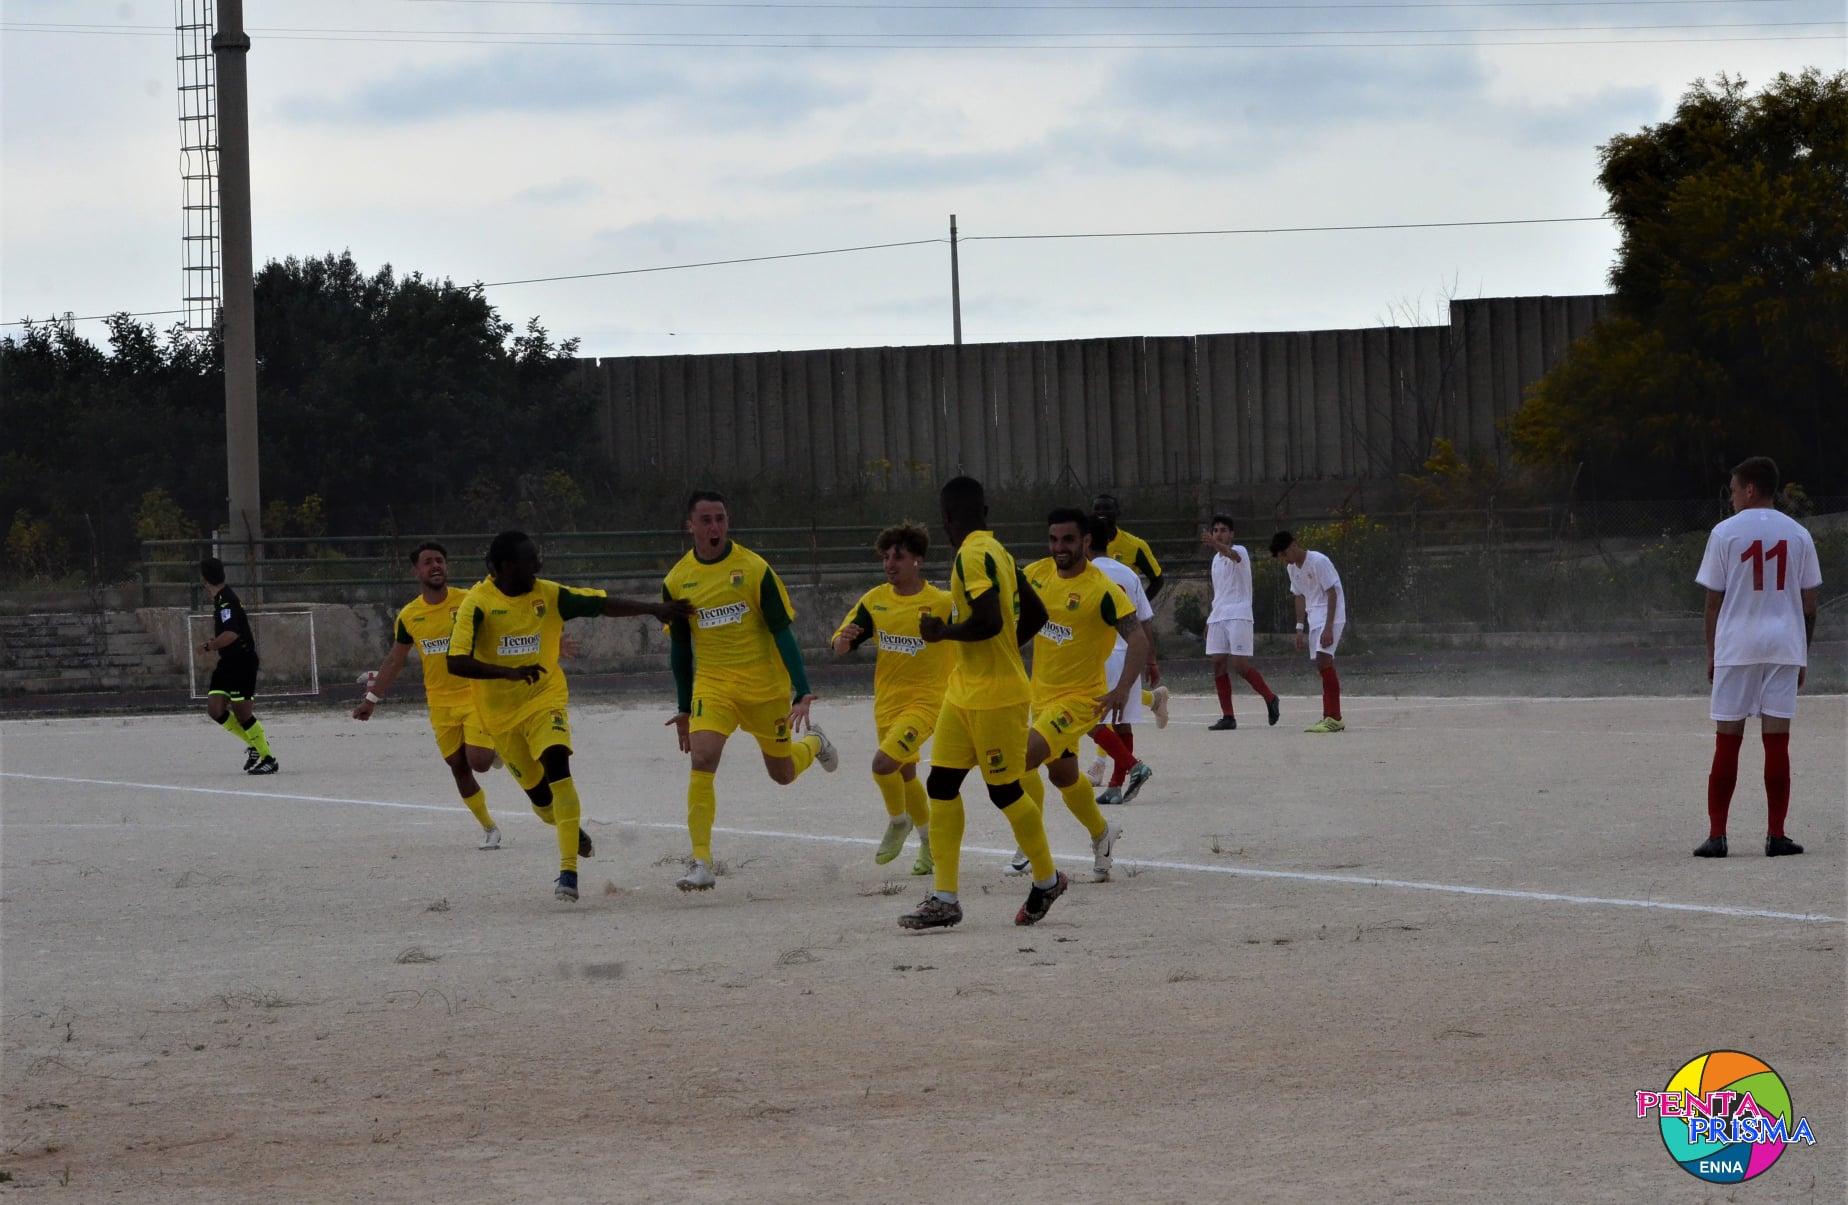 Franco Franzino marcó el primer gol de la victoria del Enna Calcio en campo del Virtus Ispica. Aprovechó un balón al segundo palo.